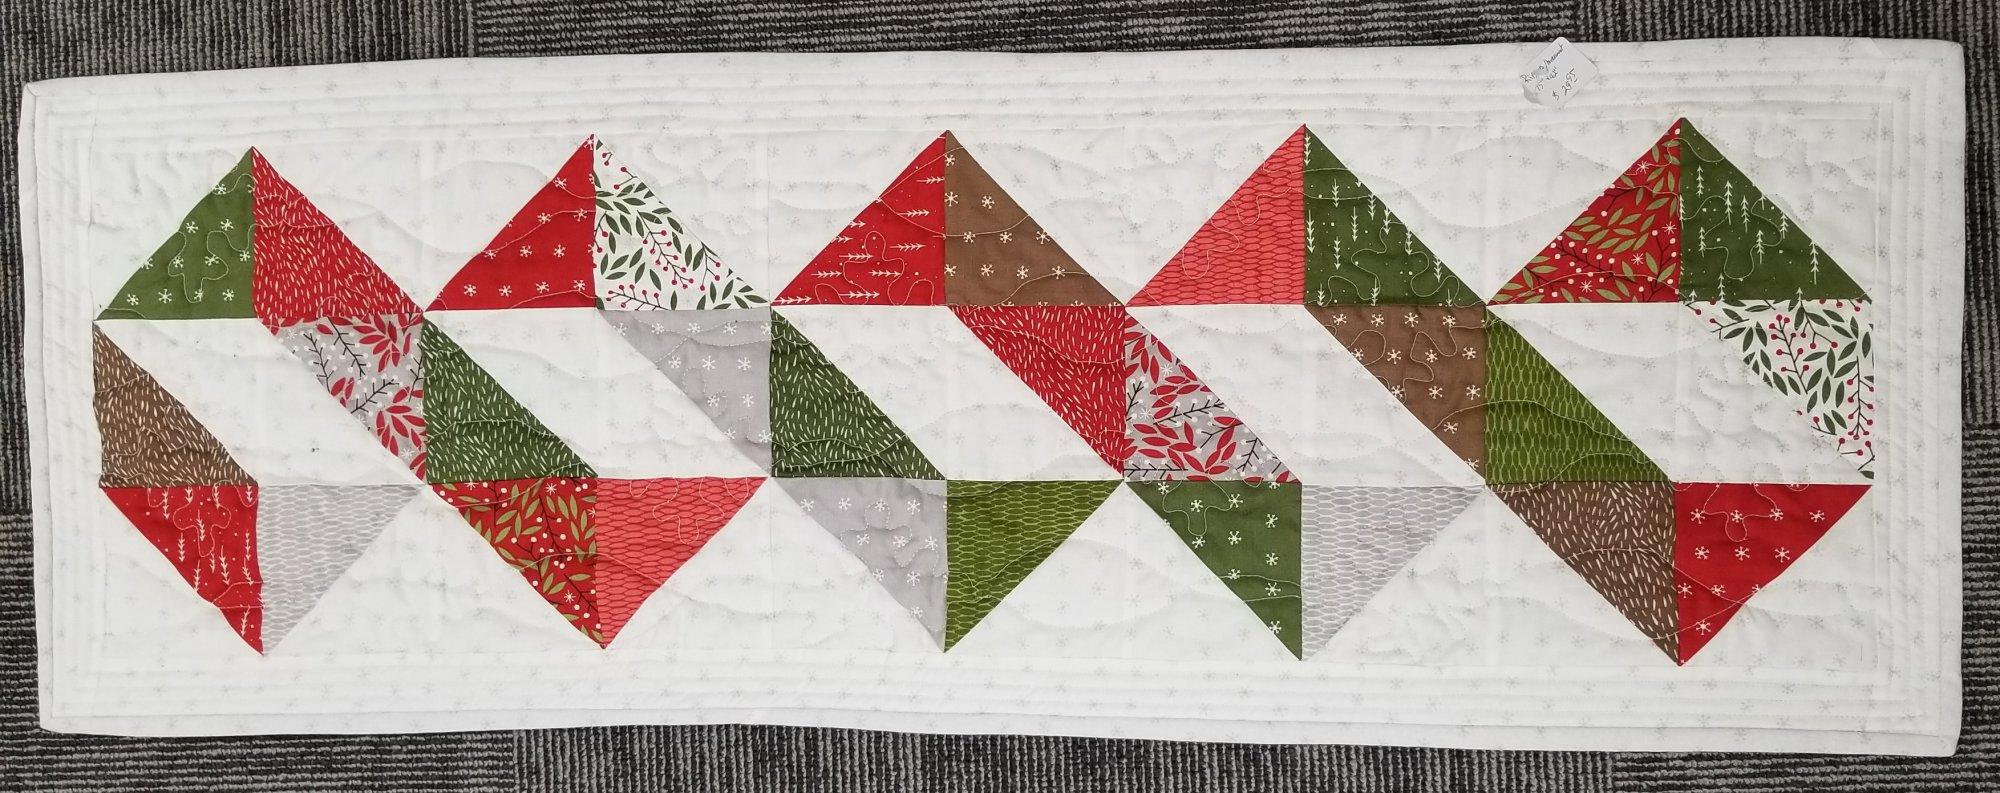 Ribbons/Merriment Shop Sample 15 X 42